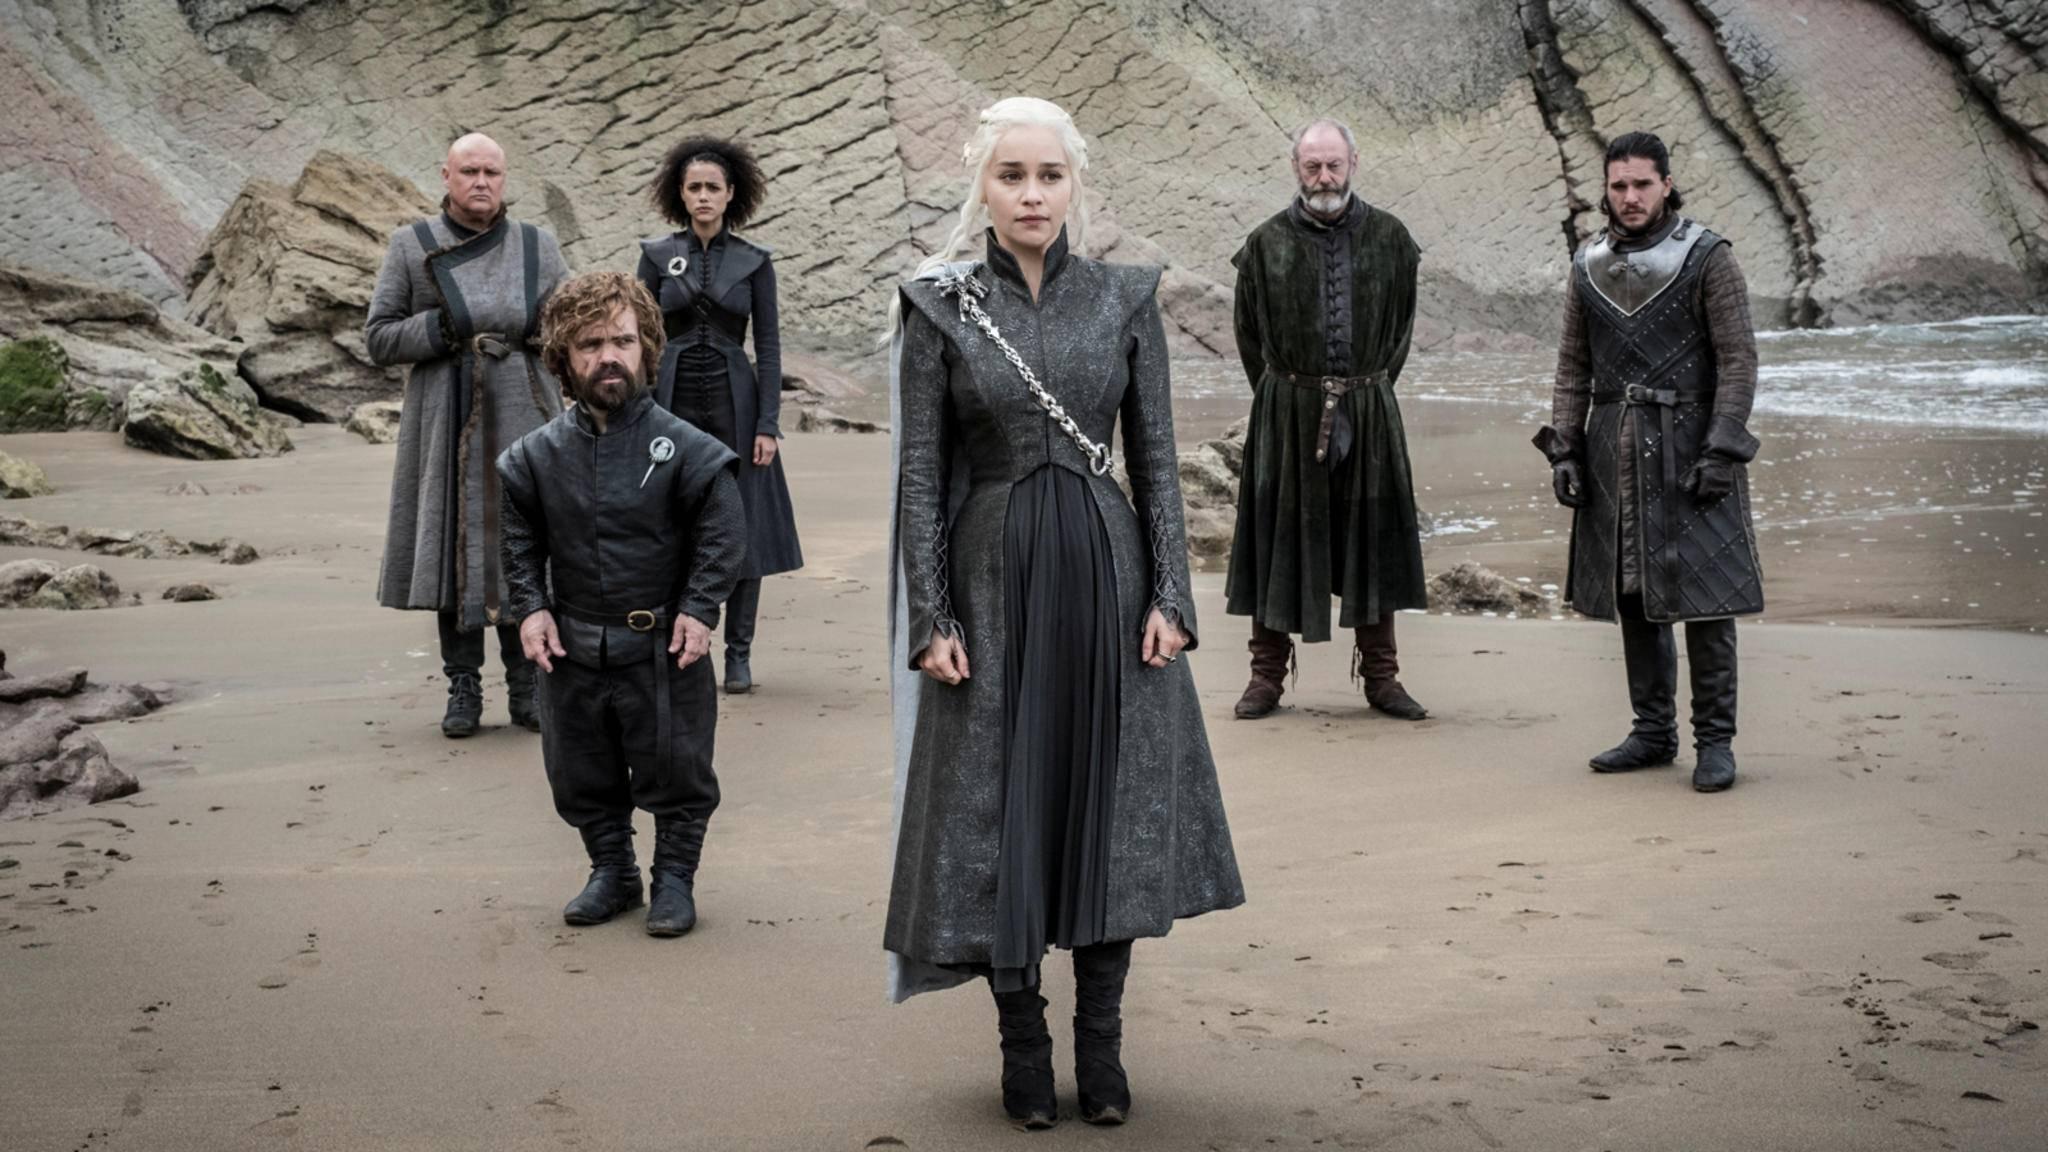 """Folge 4 von """"Game of Thrones"""" tauchte drei Tage vor der offiziellen Ausstrahlung im Internet auf."""